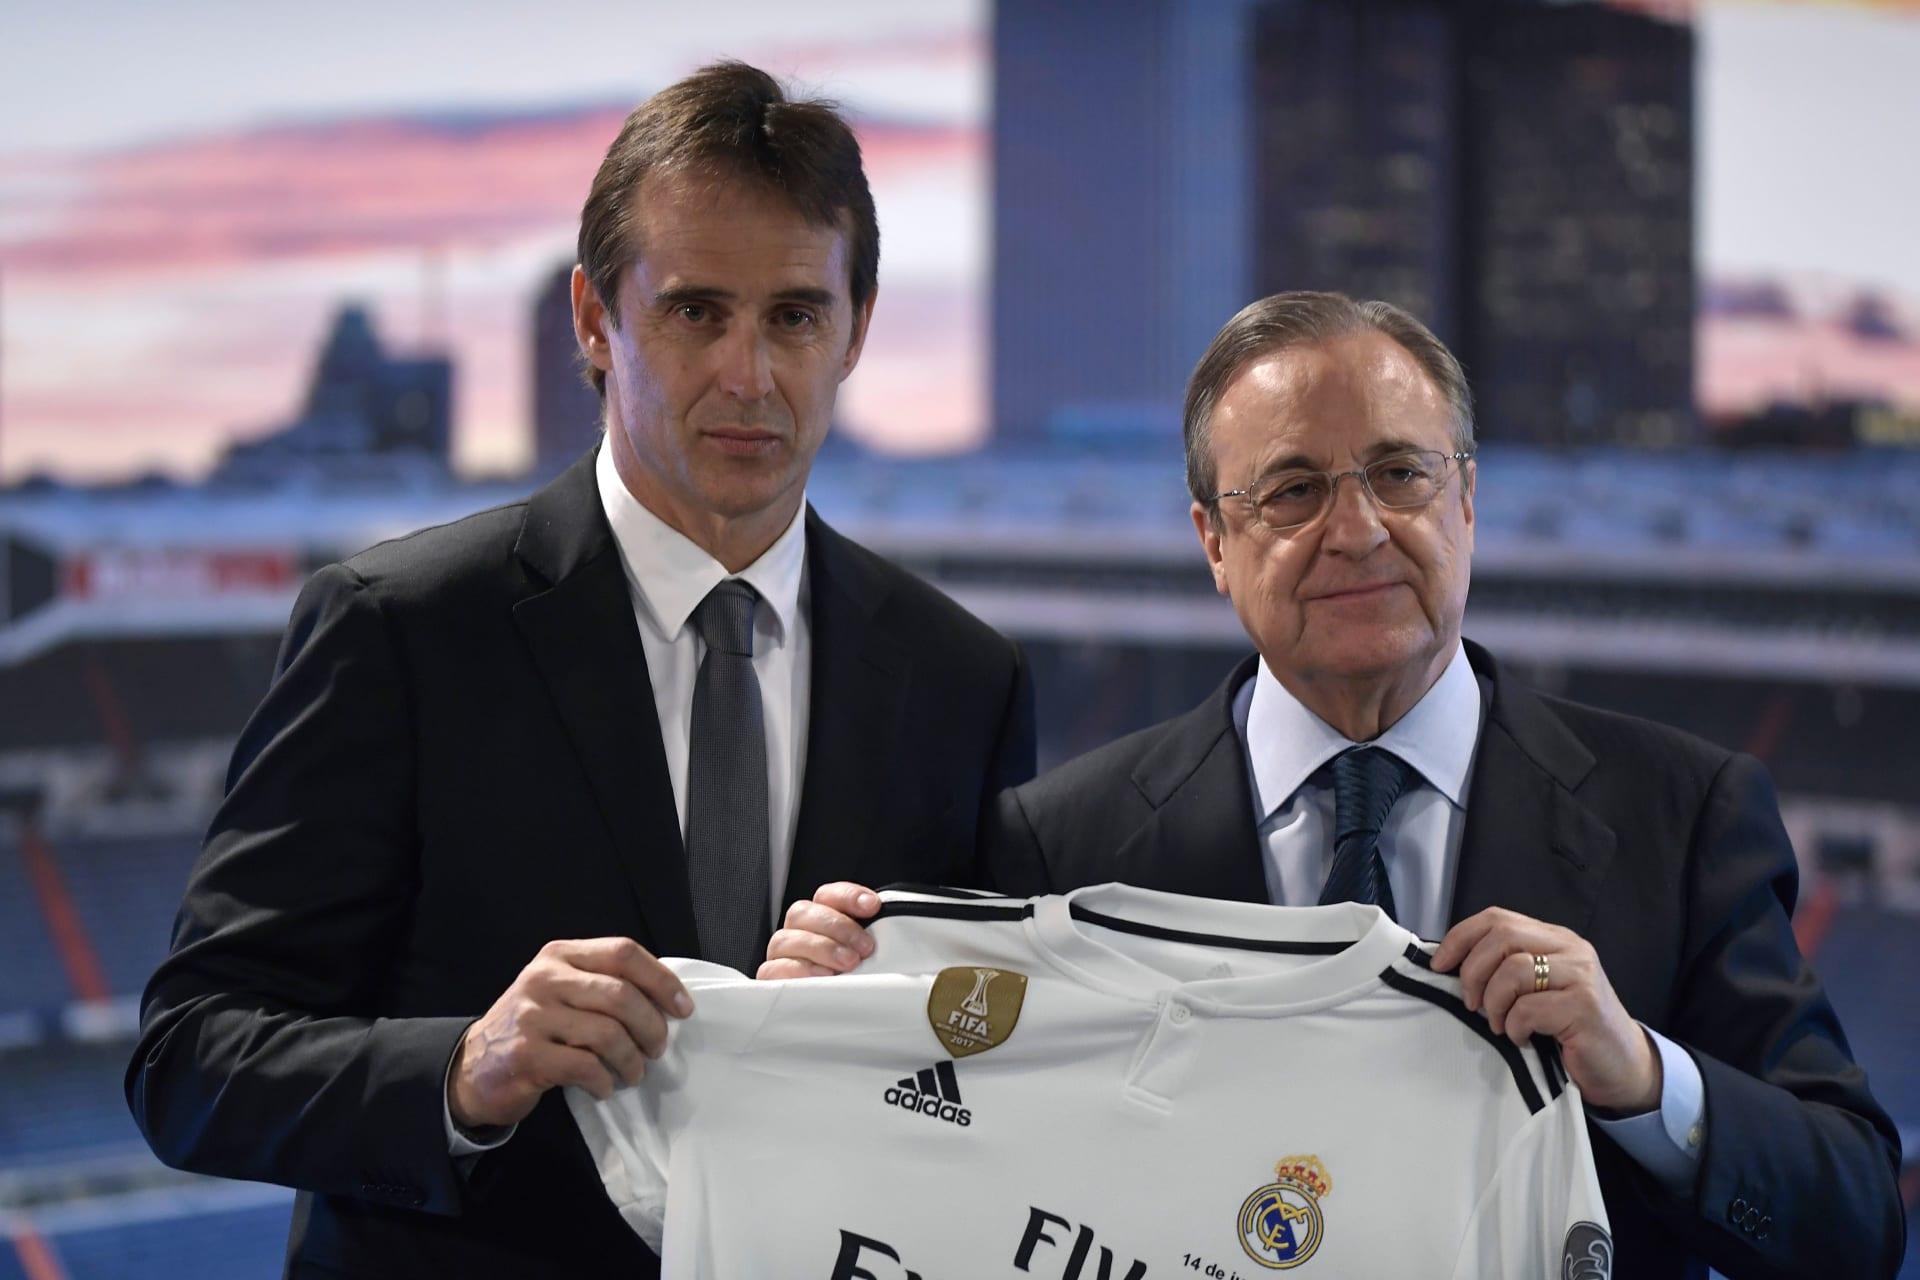 قبل الكلاسيكو.. لماذا تراجع مستوى ريال مدريد ومن المسؤول؟